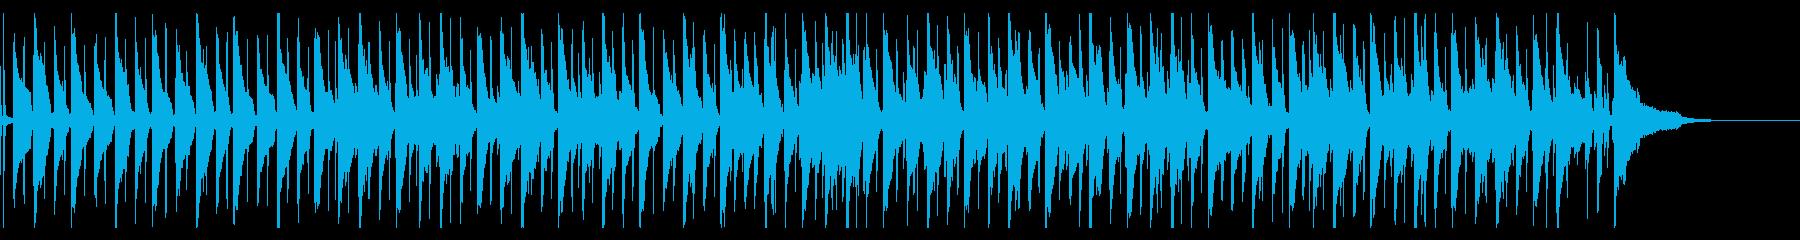 生コントラバスのゆったりとしたBGMの再生済みの波形